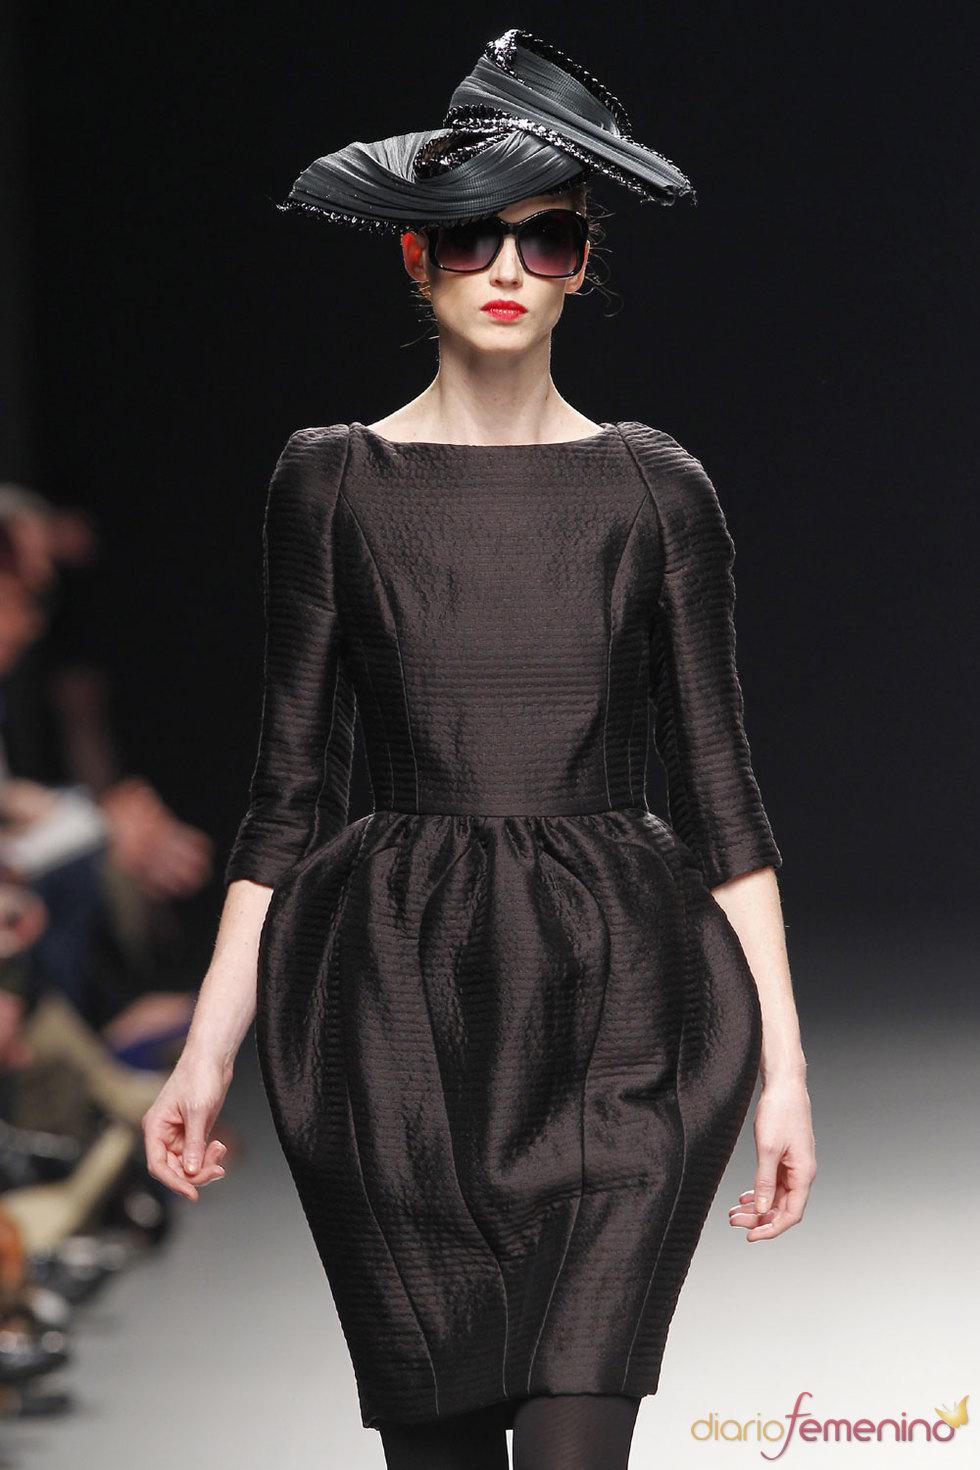 Sofisticación y elegancia de Juana Martín en Cibeles 2010